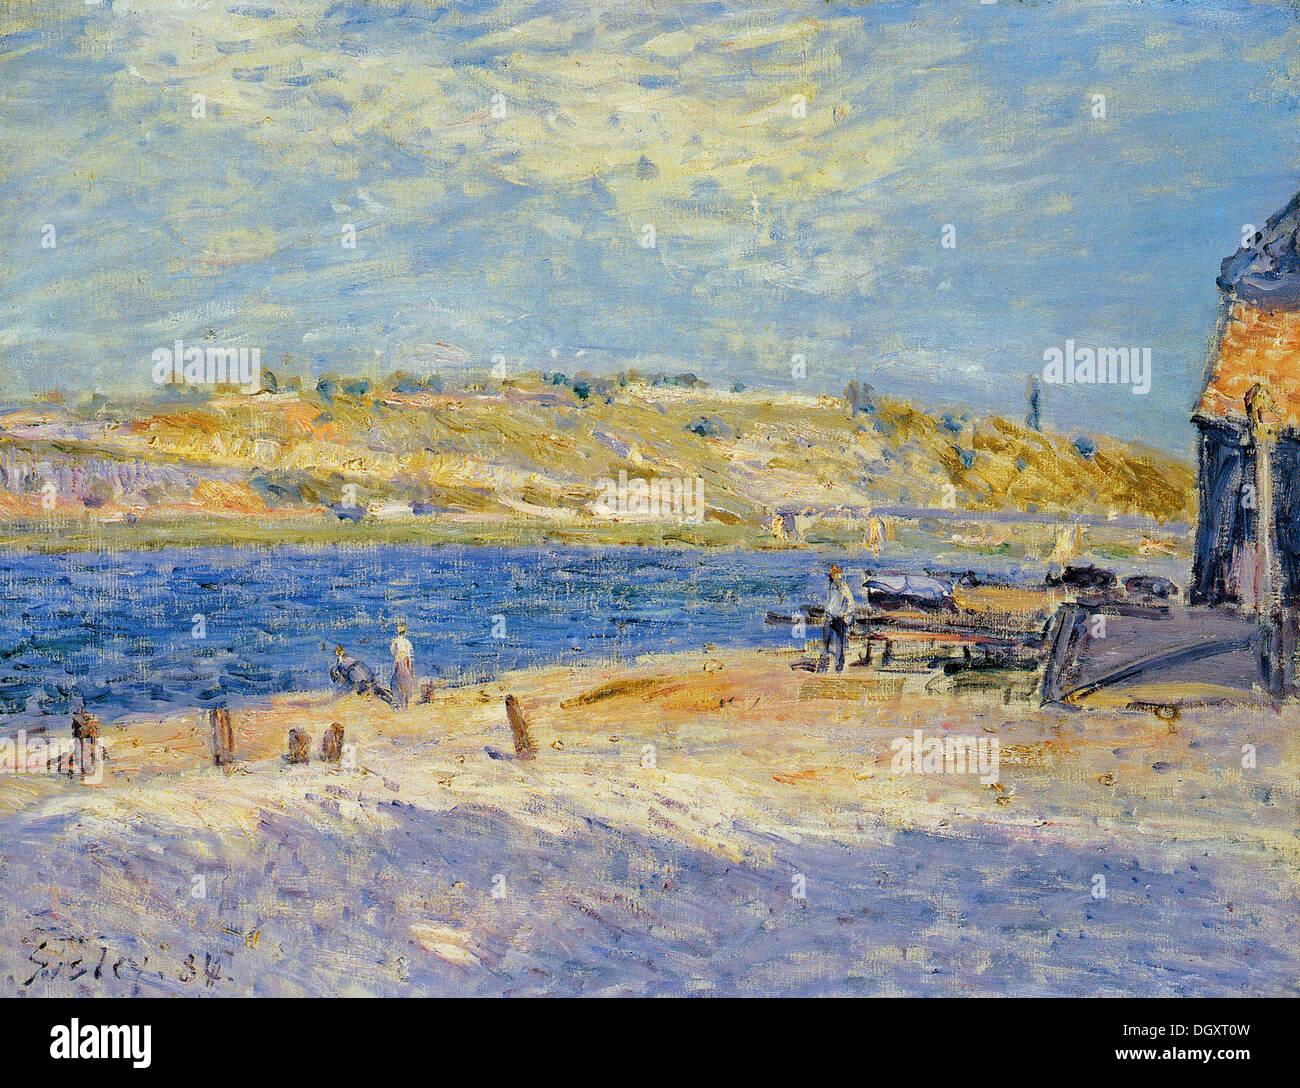 River Banks at Saint Mammes - by Alfred Sisley, 1884 - Stock Image